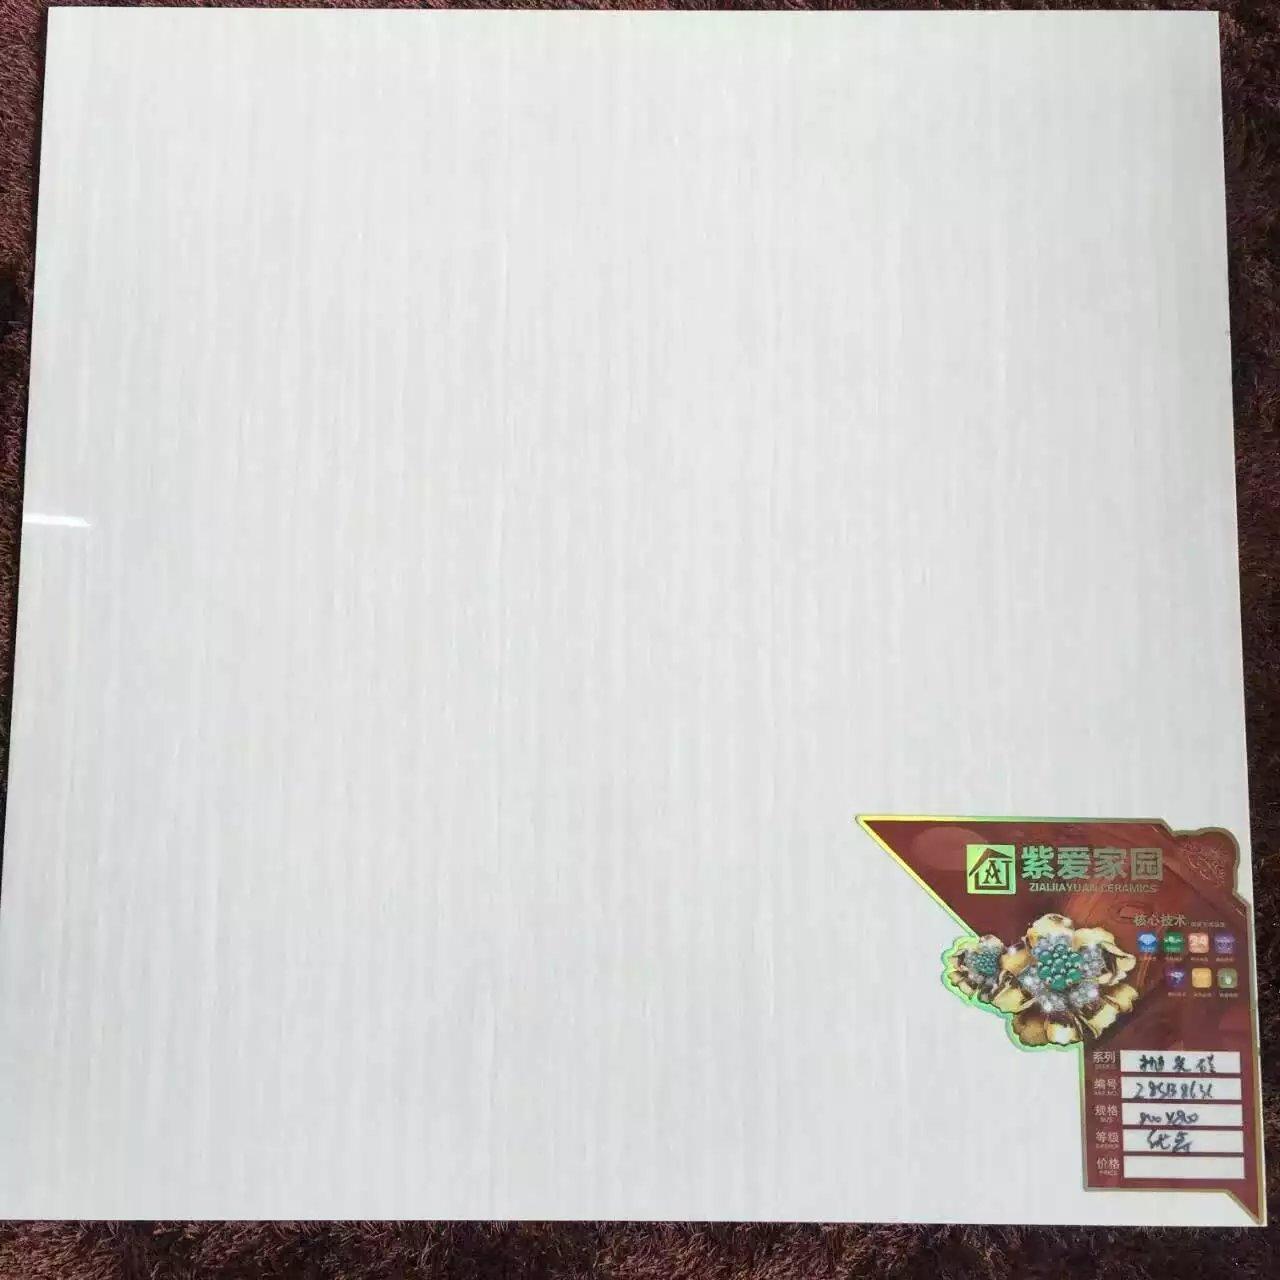 佛山市紫爱家陶瓷厂家直销800白线石,现优惠活动中